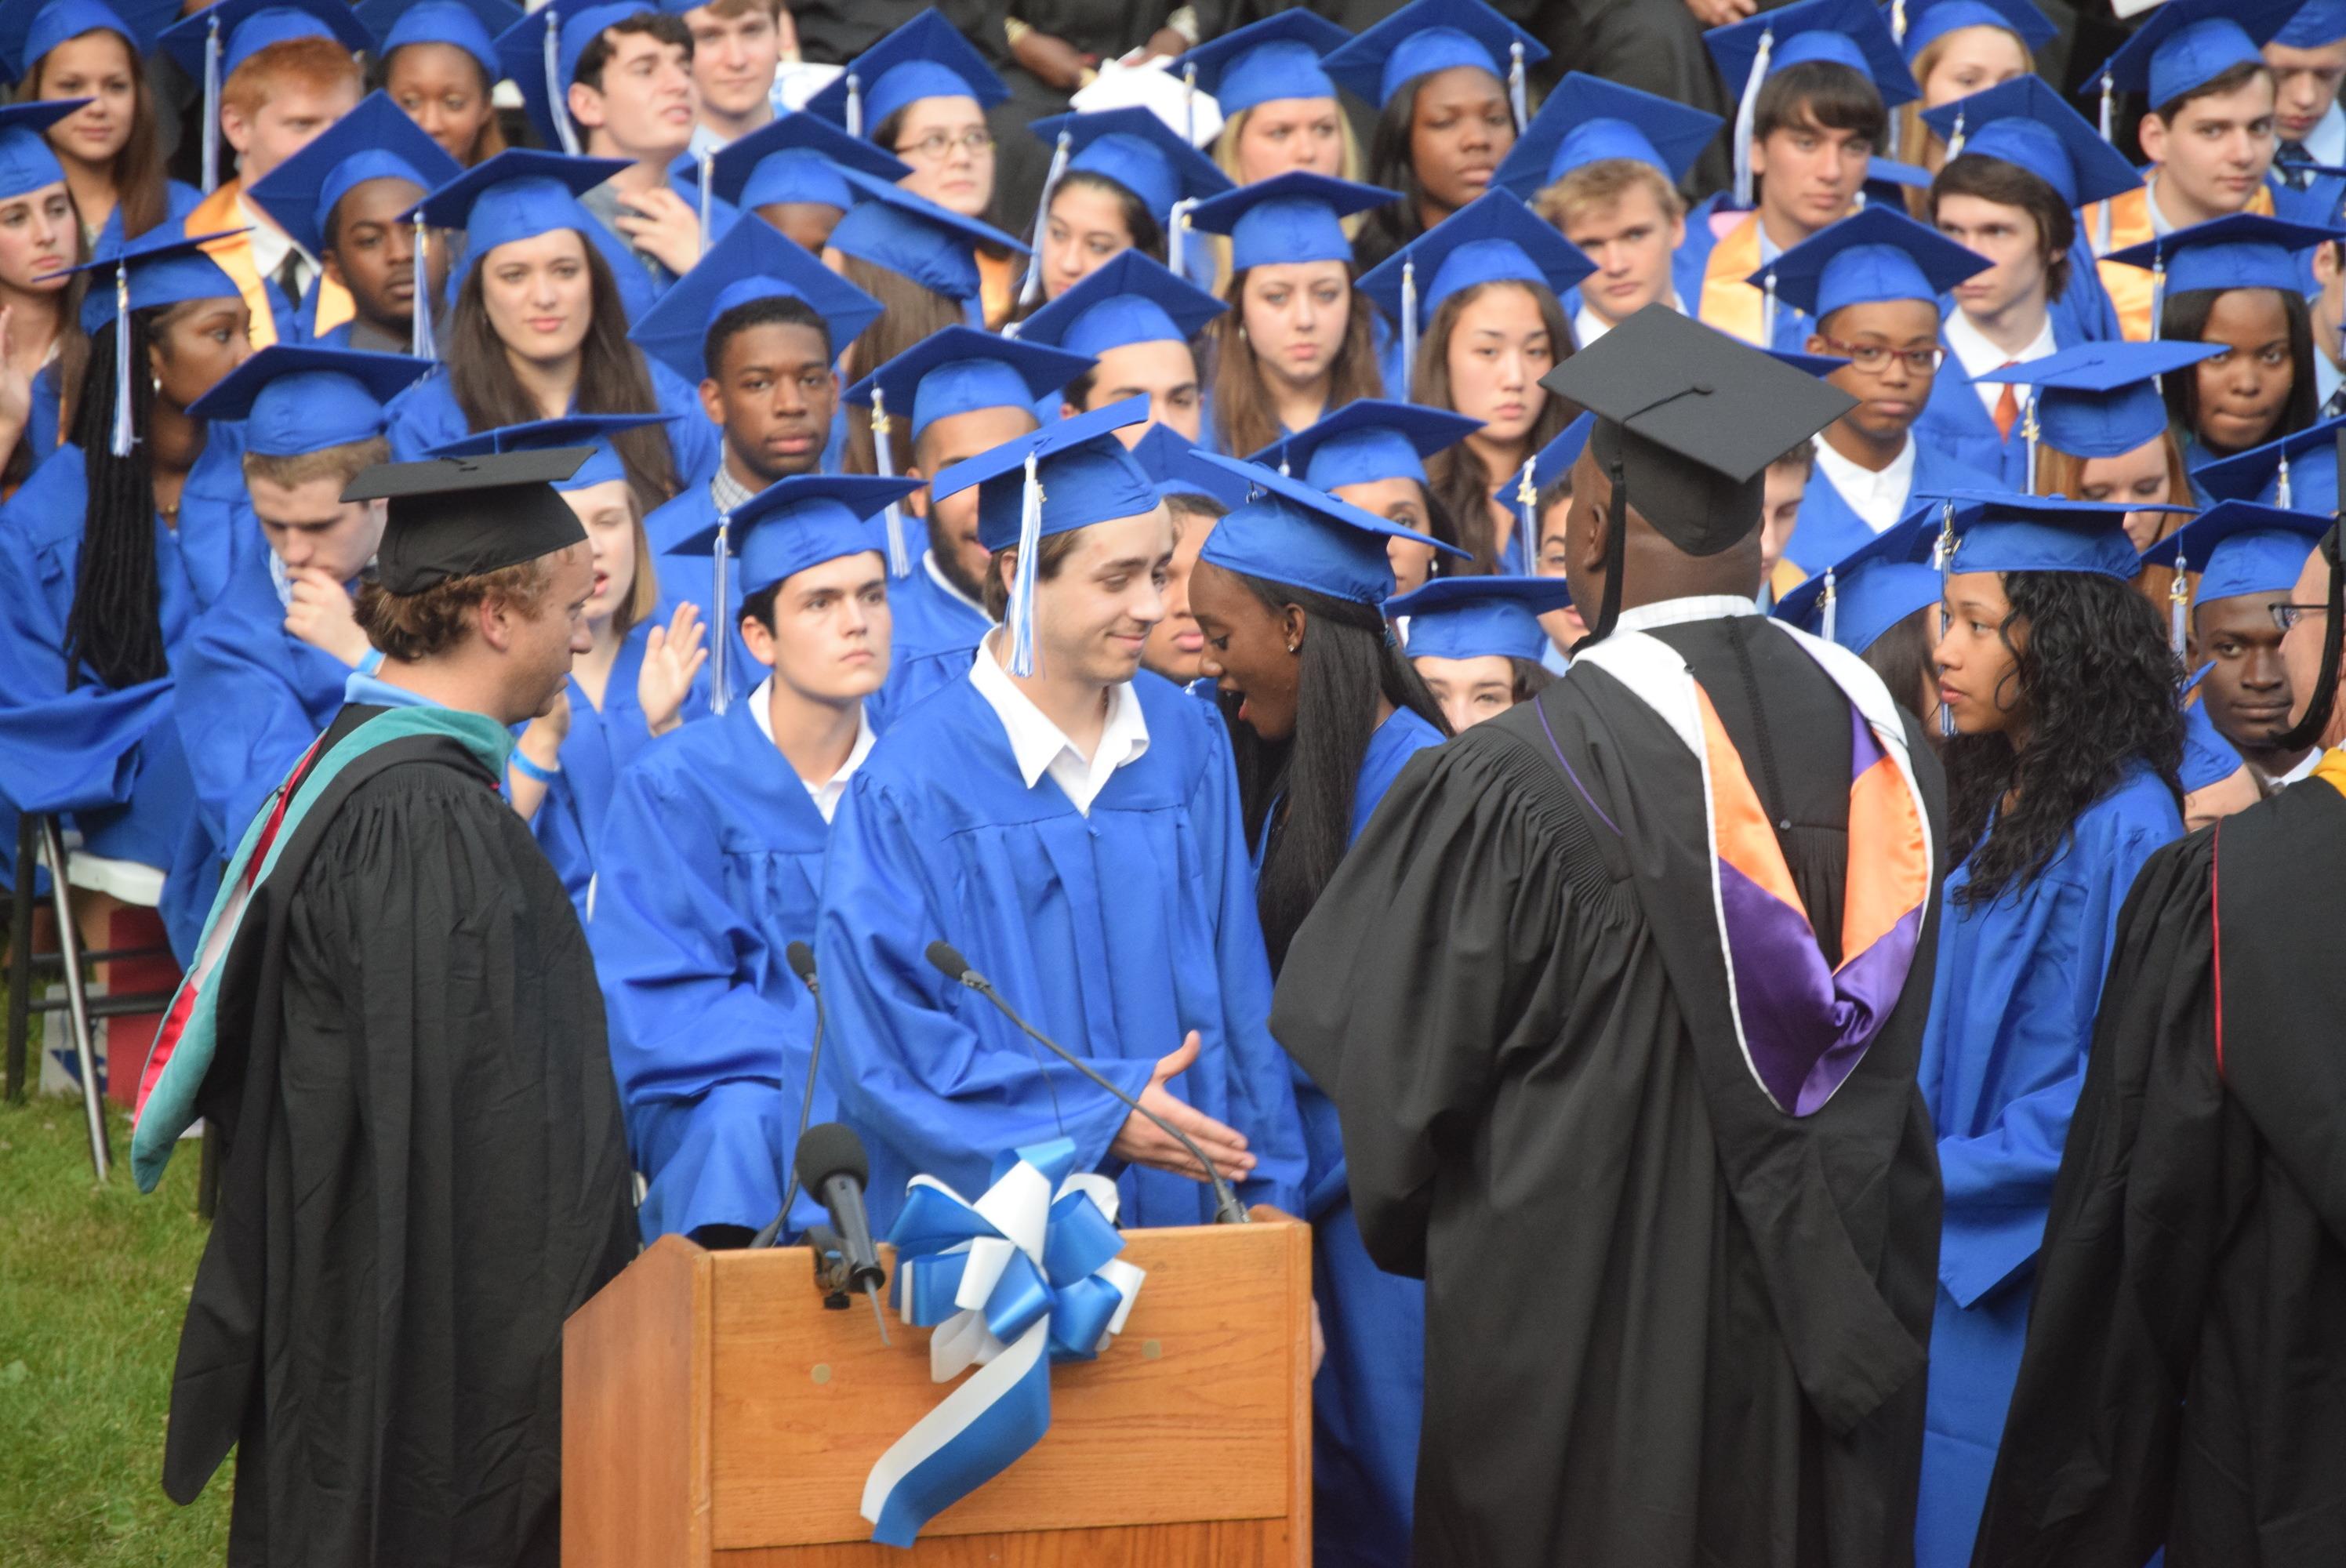 021ba3ab27909b4e230a_MHS_graduation.6.23.14_014.jpg